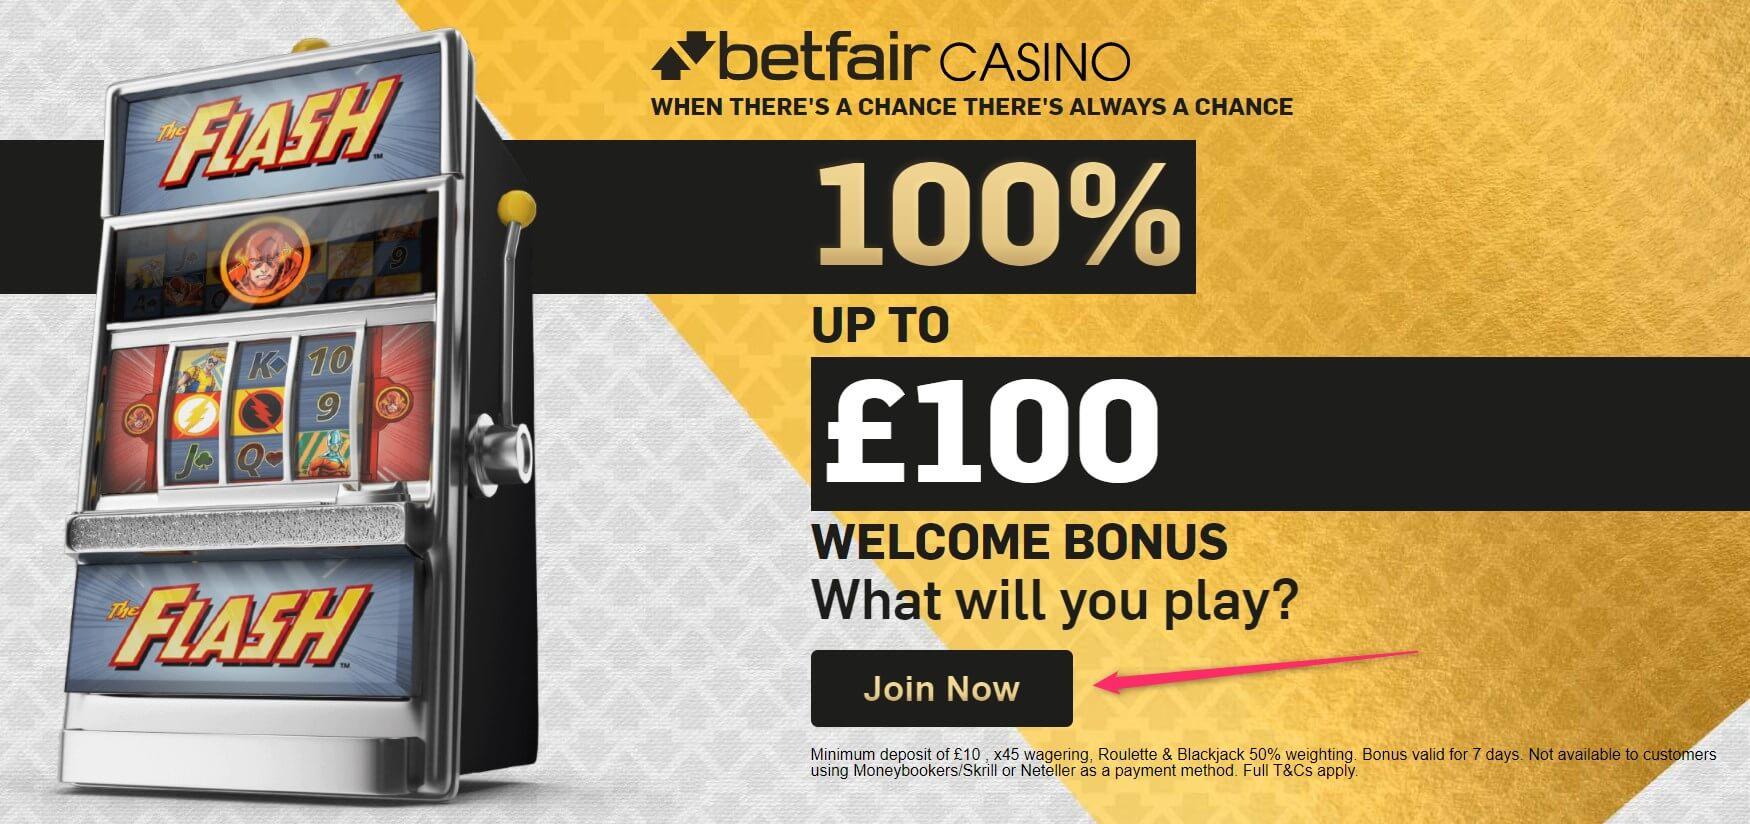 betfair casino deposit bonus